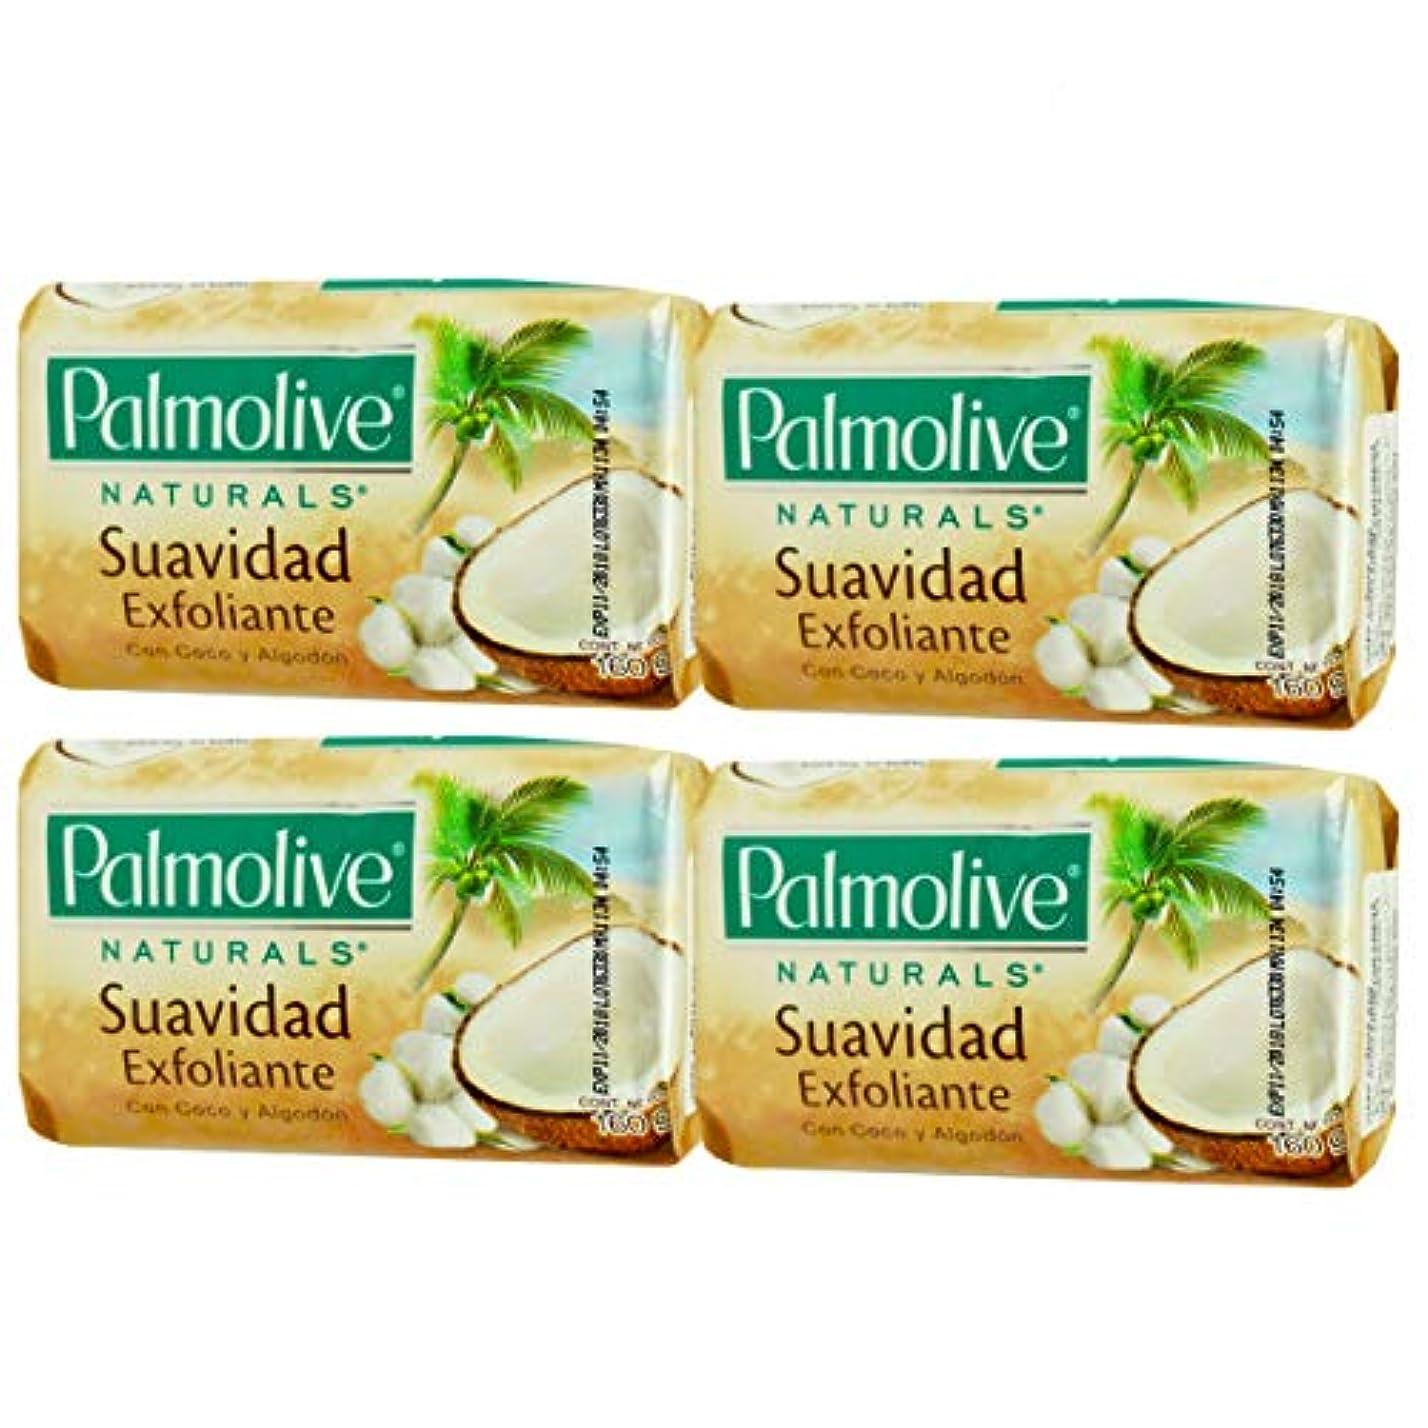 気絶させる刺激するあなたのものPalmolive ナチュラルズココY Algodonソープココナッツと綿160Gパック4